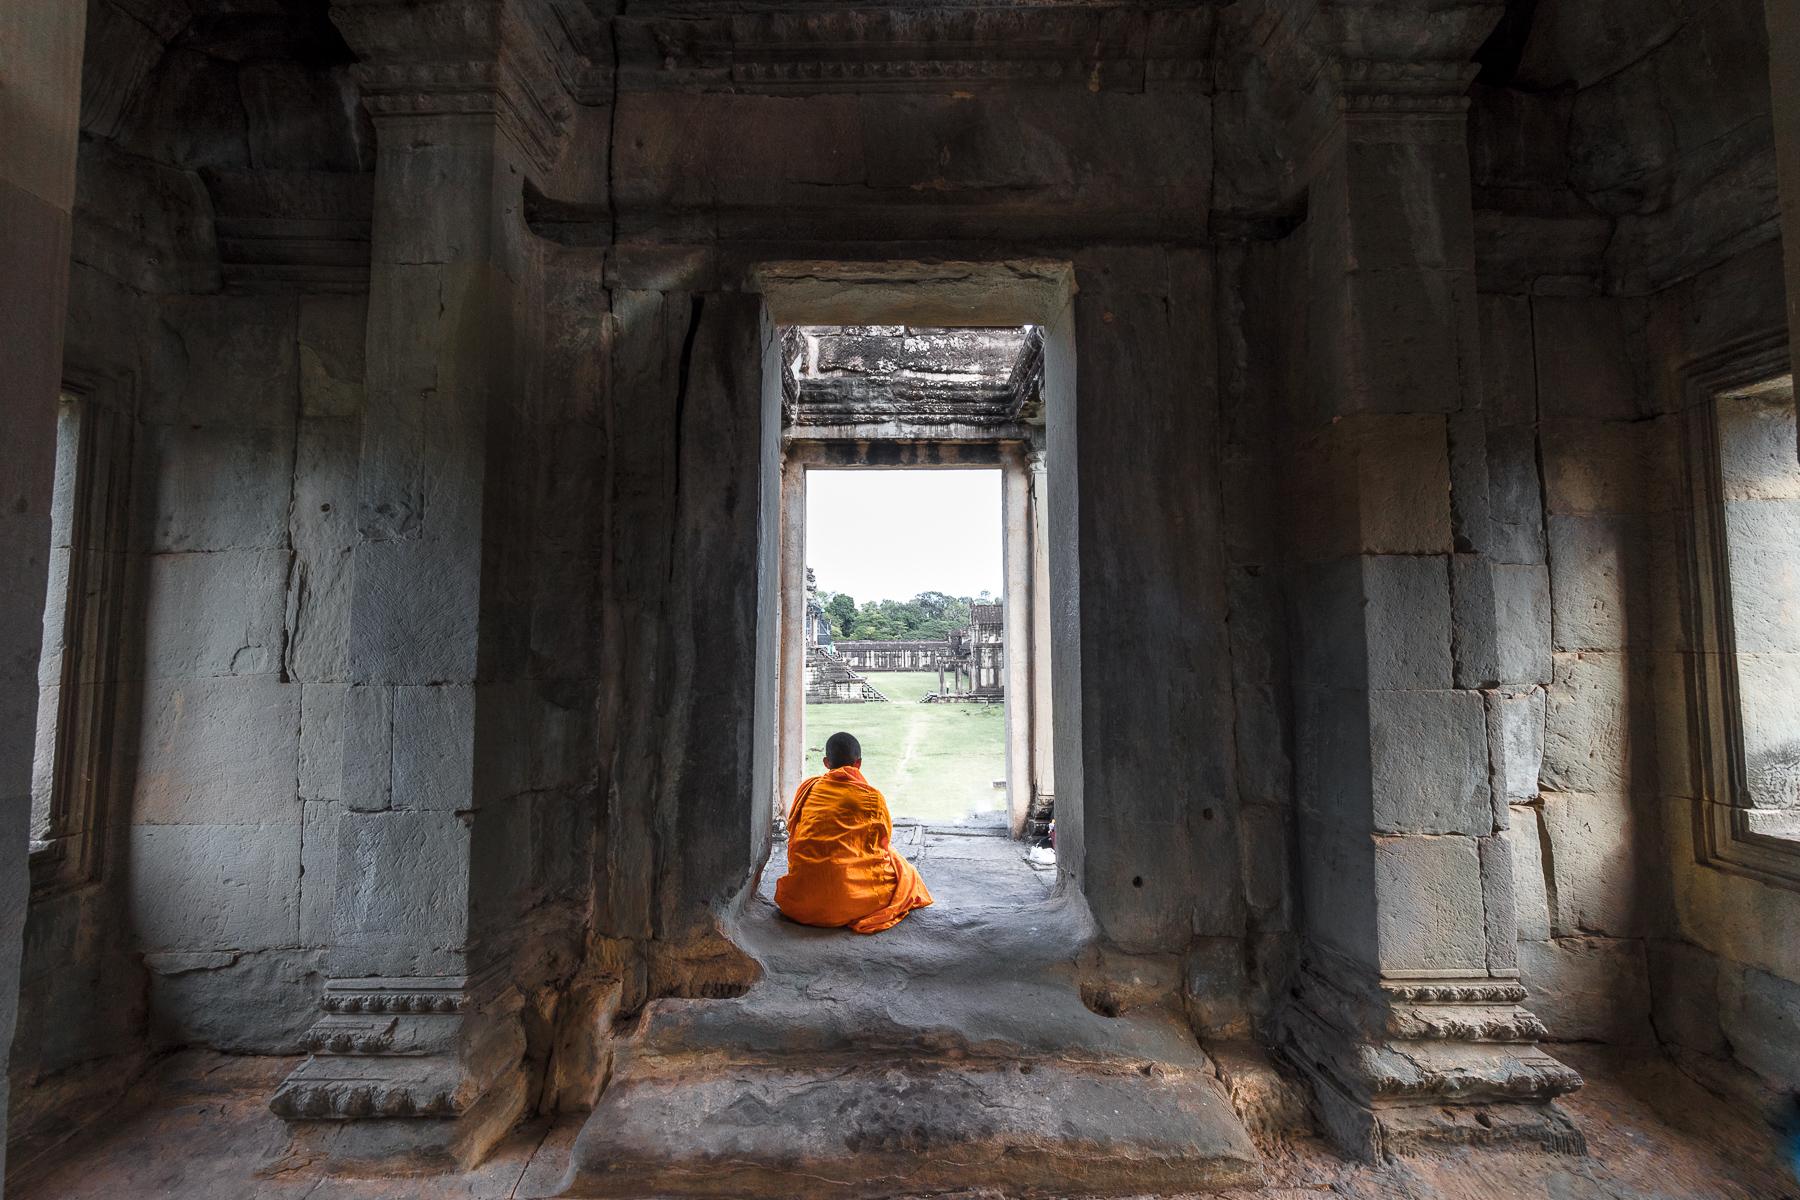 Watching the tourists at Angkor Wat